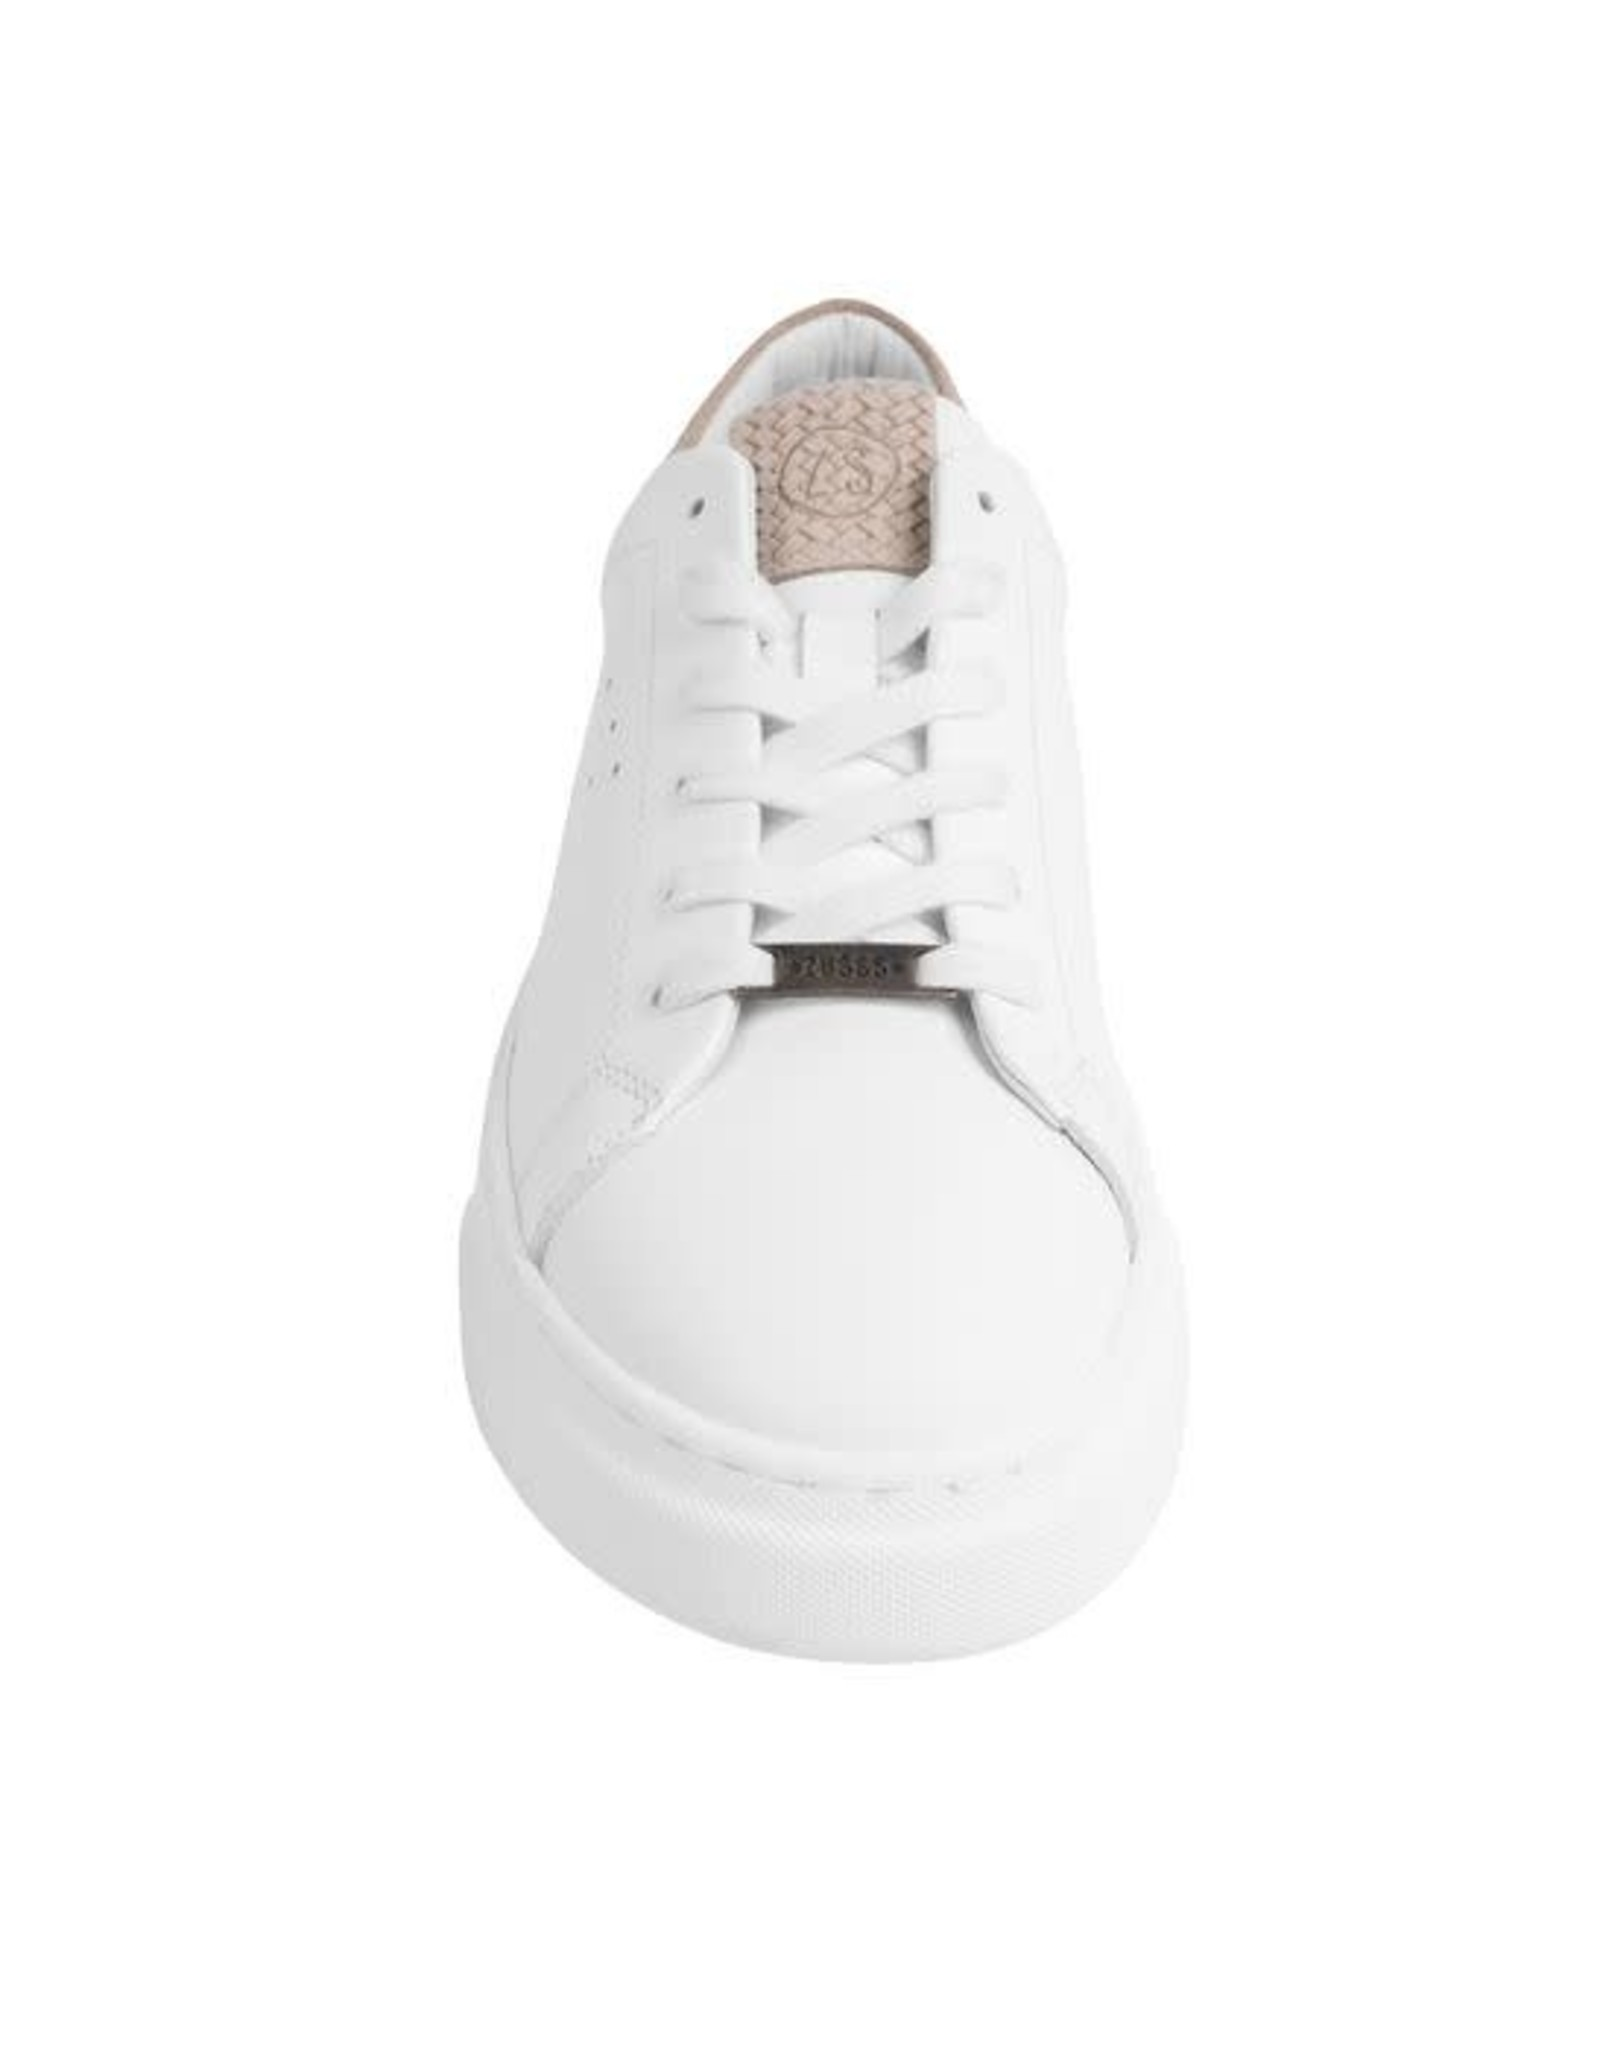 Zusss Zusss toffe sneaker wit/zand